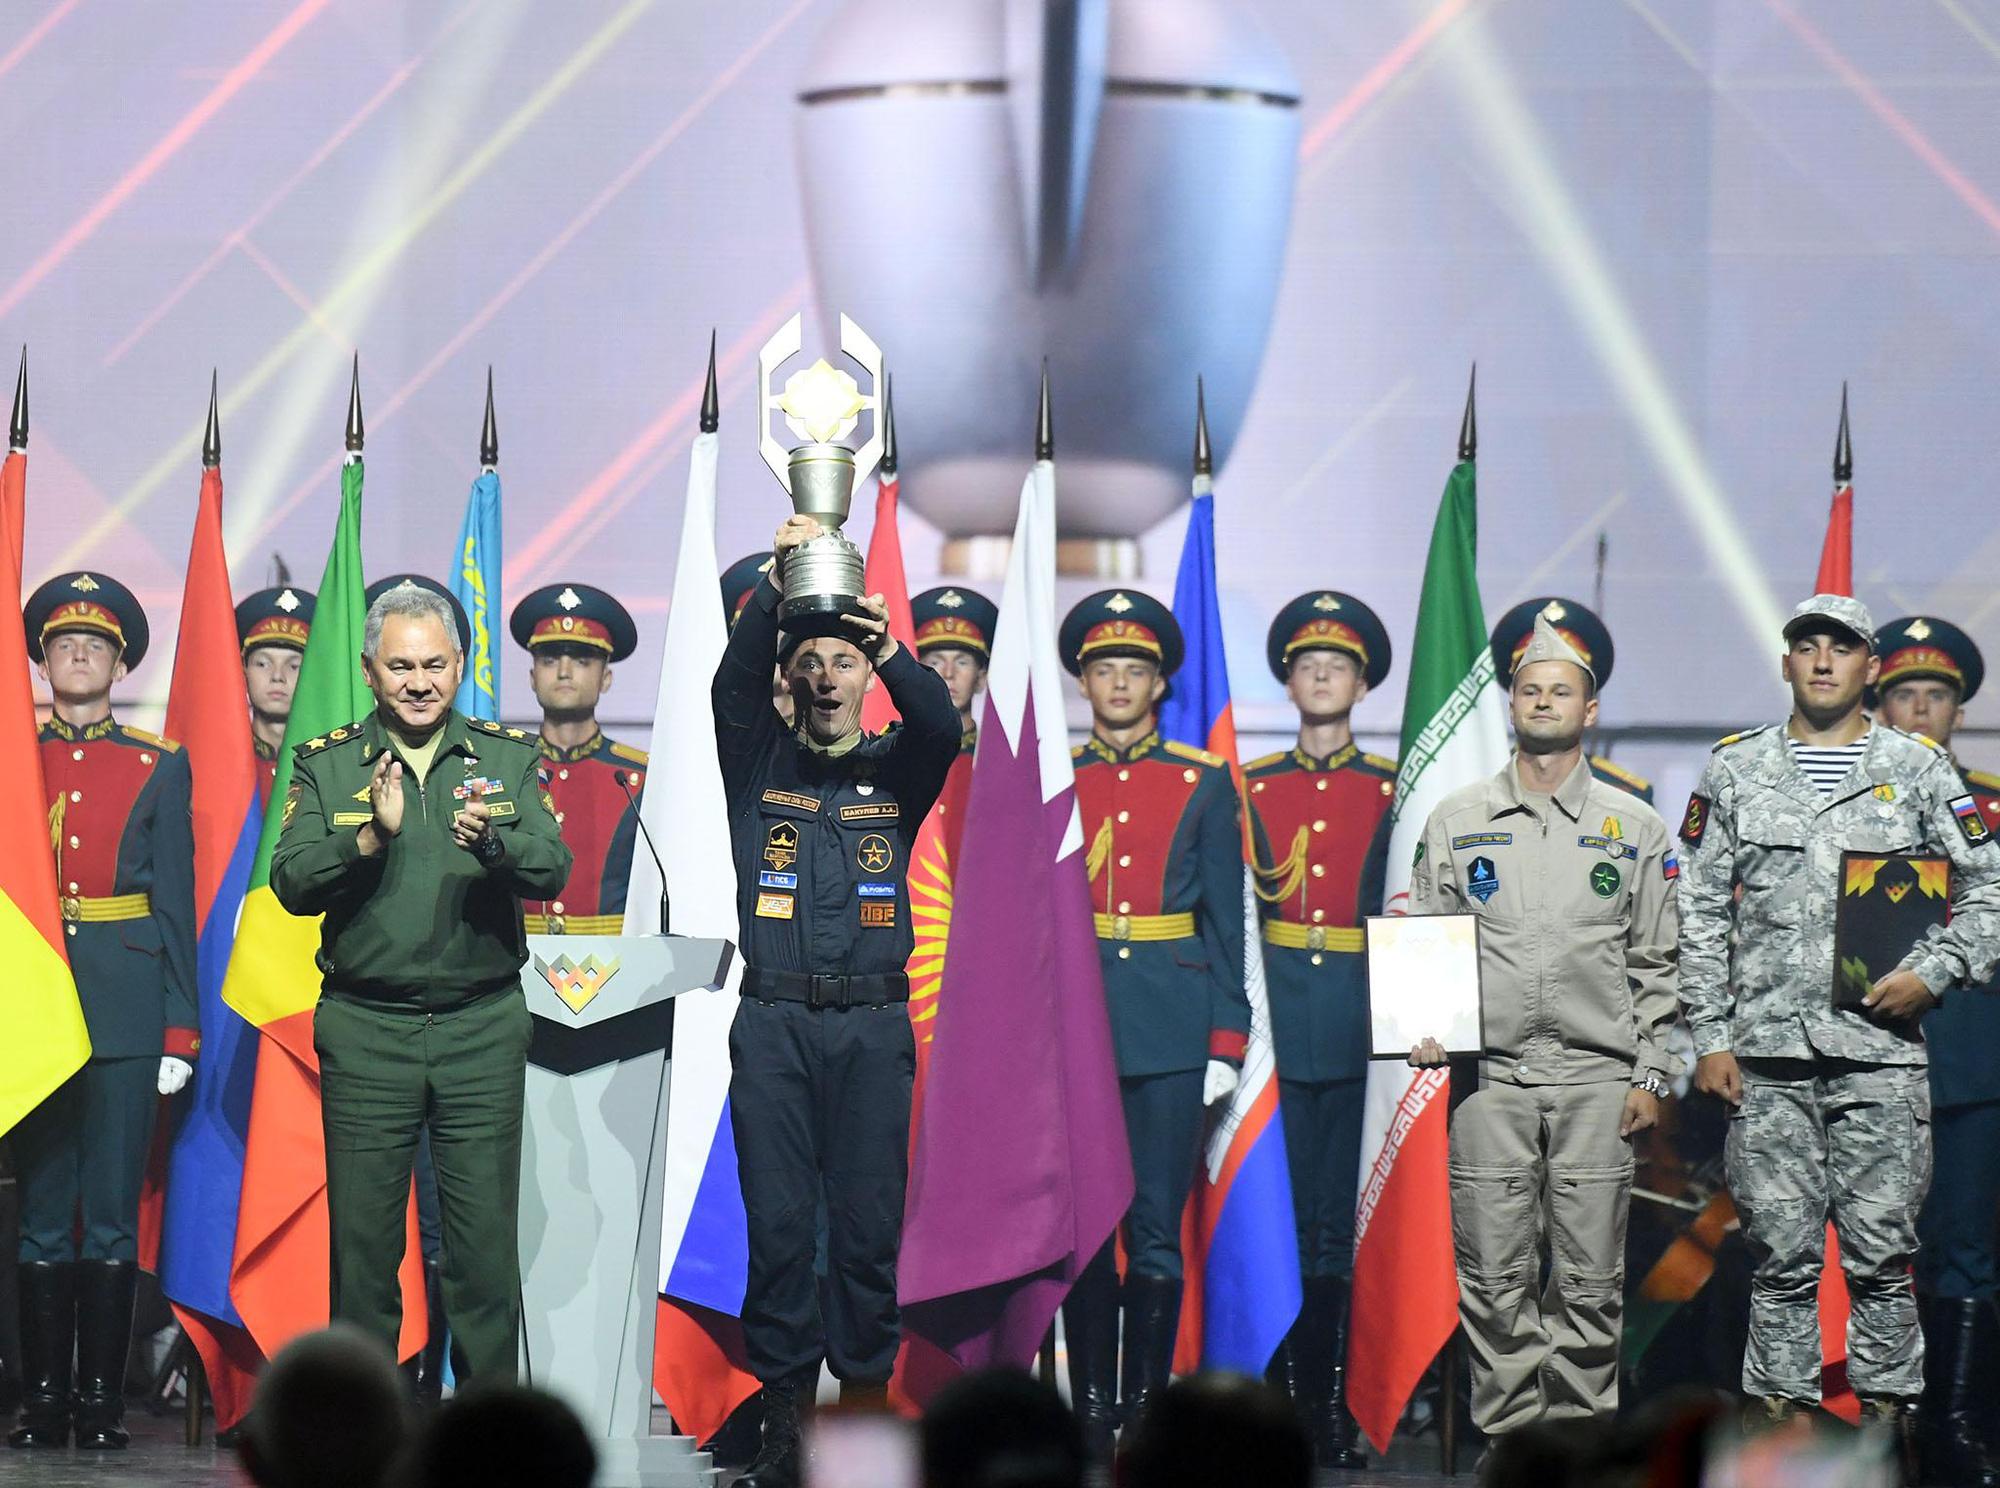 Những hình ảnh ấn tượng, pháo hoa rực rỡ tại lễ bế mạc Army Games 2020 - Ảnh 4.